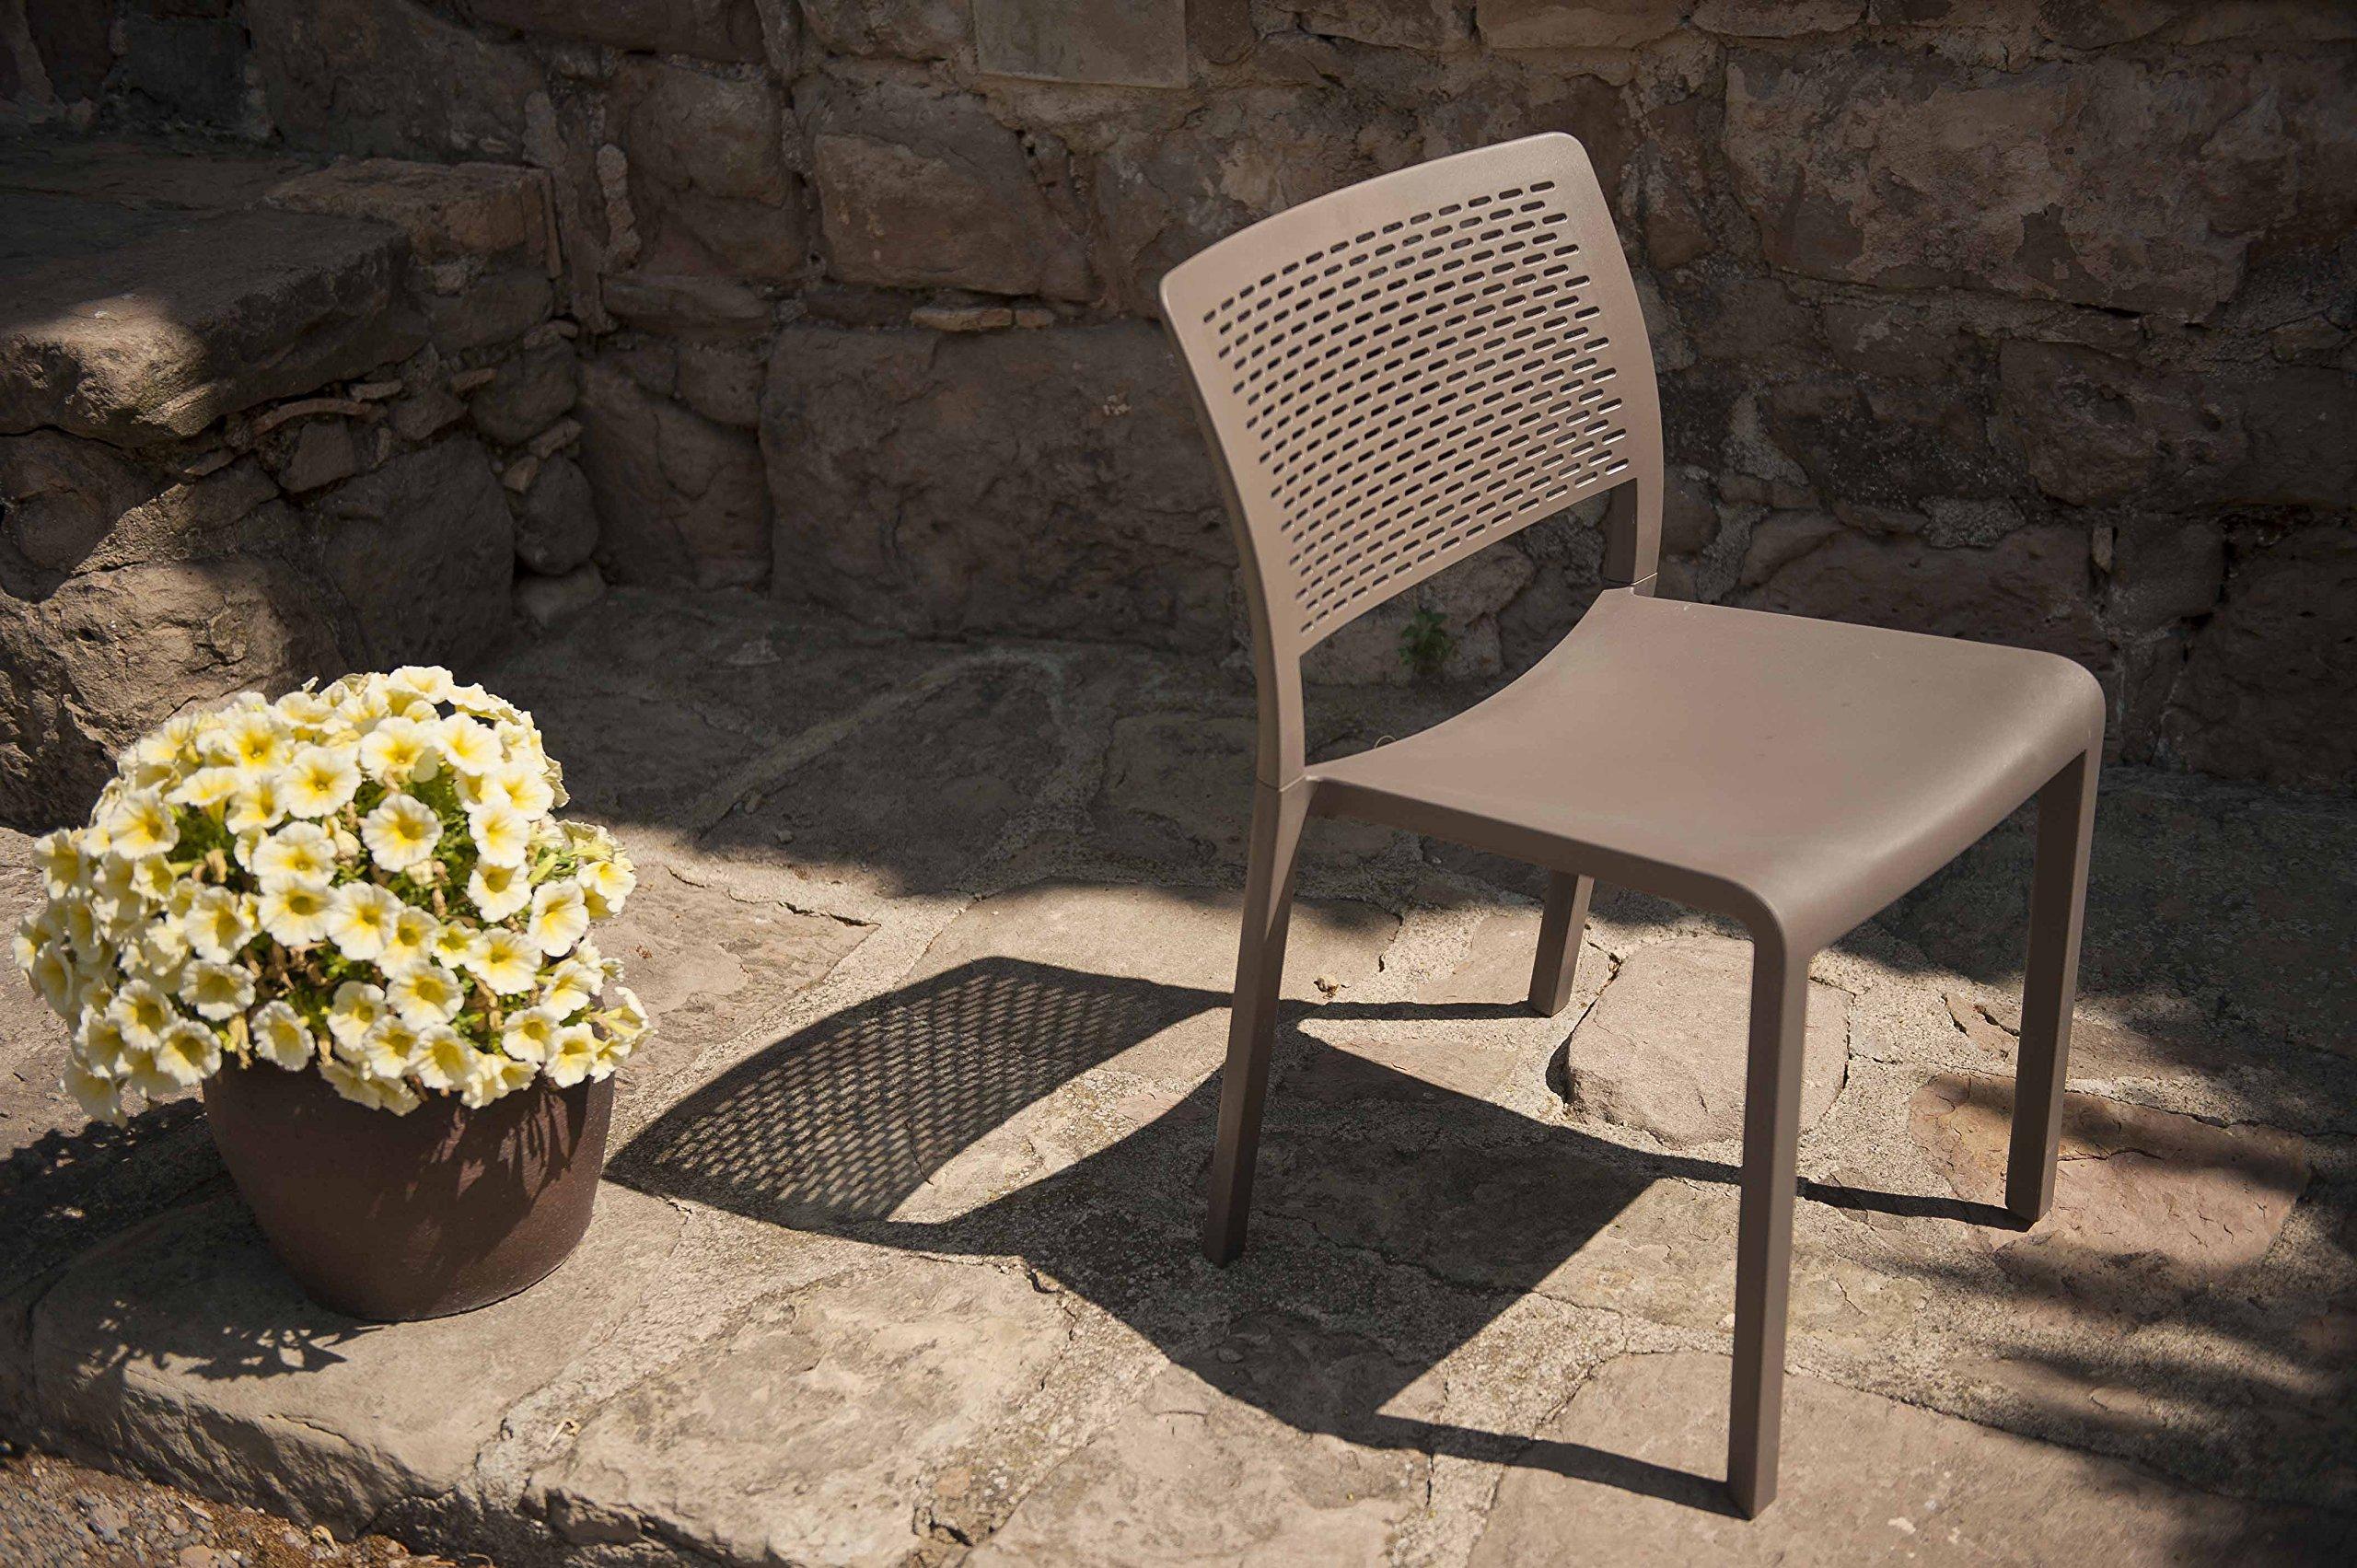 resol grupo Trama Set de 2 sillas de diseño para interior, exterior, jardín, Blanco, 54 x 48 x 80 cm: Amazon.es: Jardín